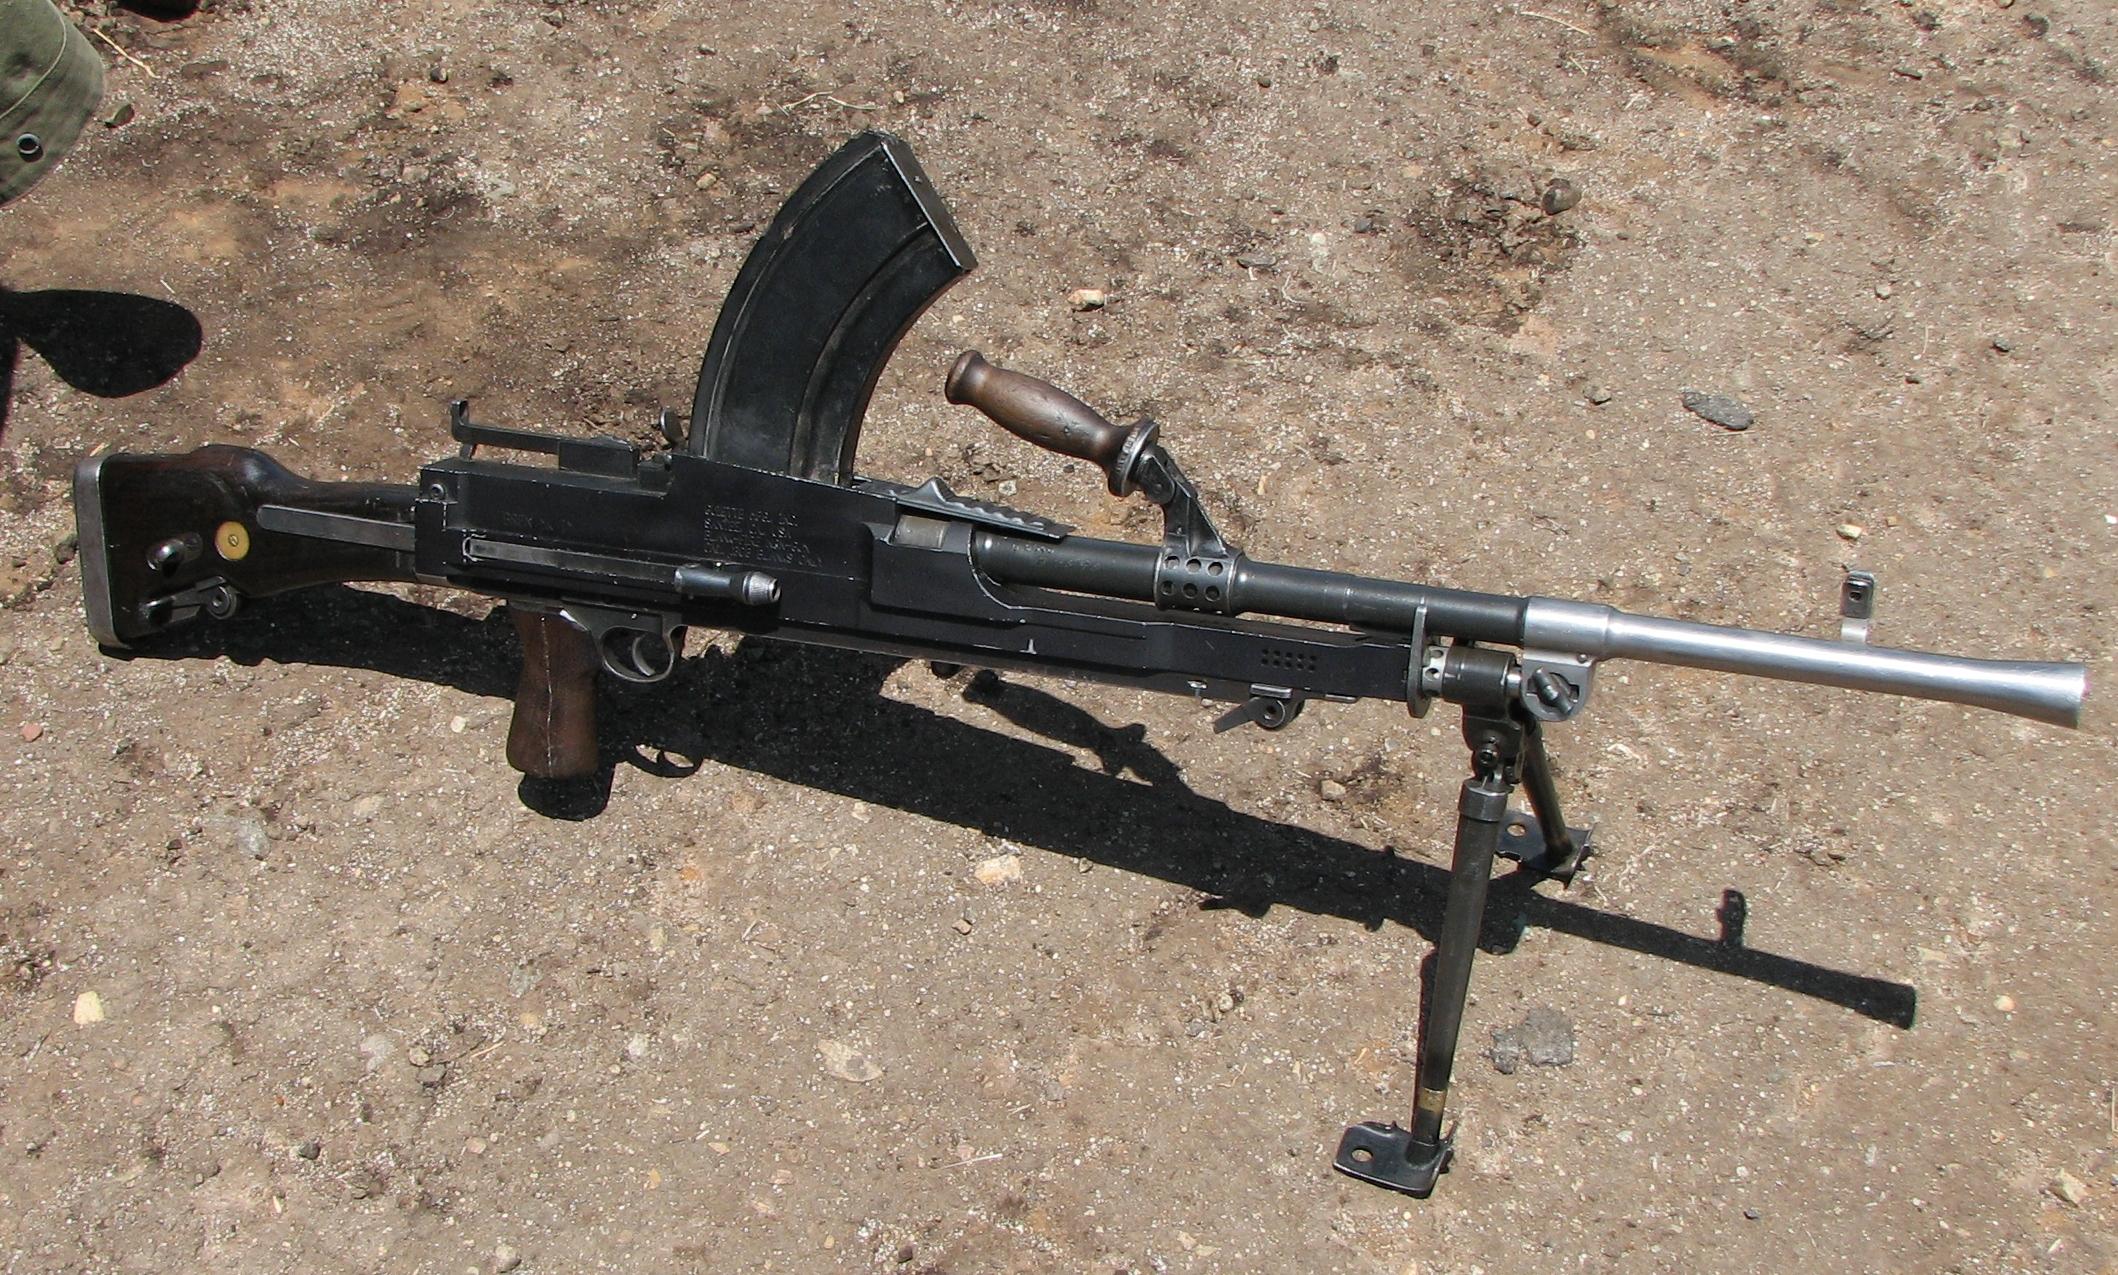 ブレン軽機関銃Mk.I : ストライクウィッチーズ武器これくしょん[完全版] - NAVER まとめ